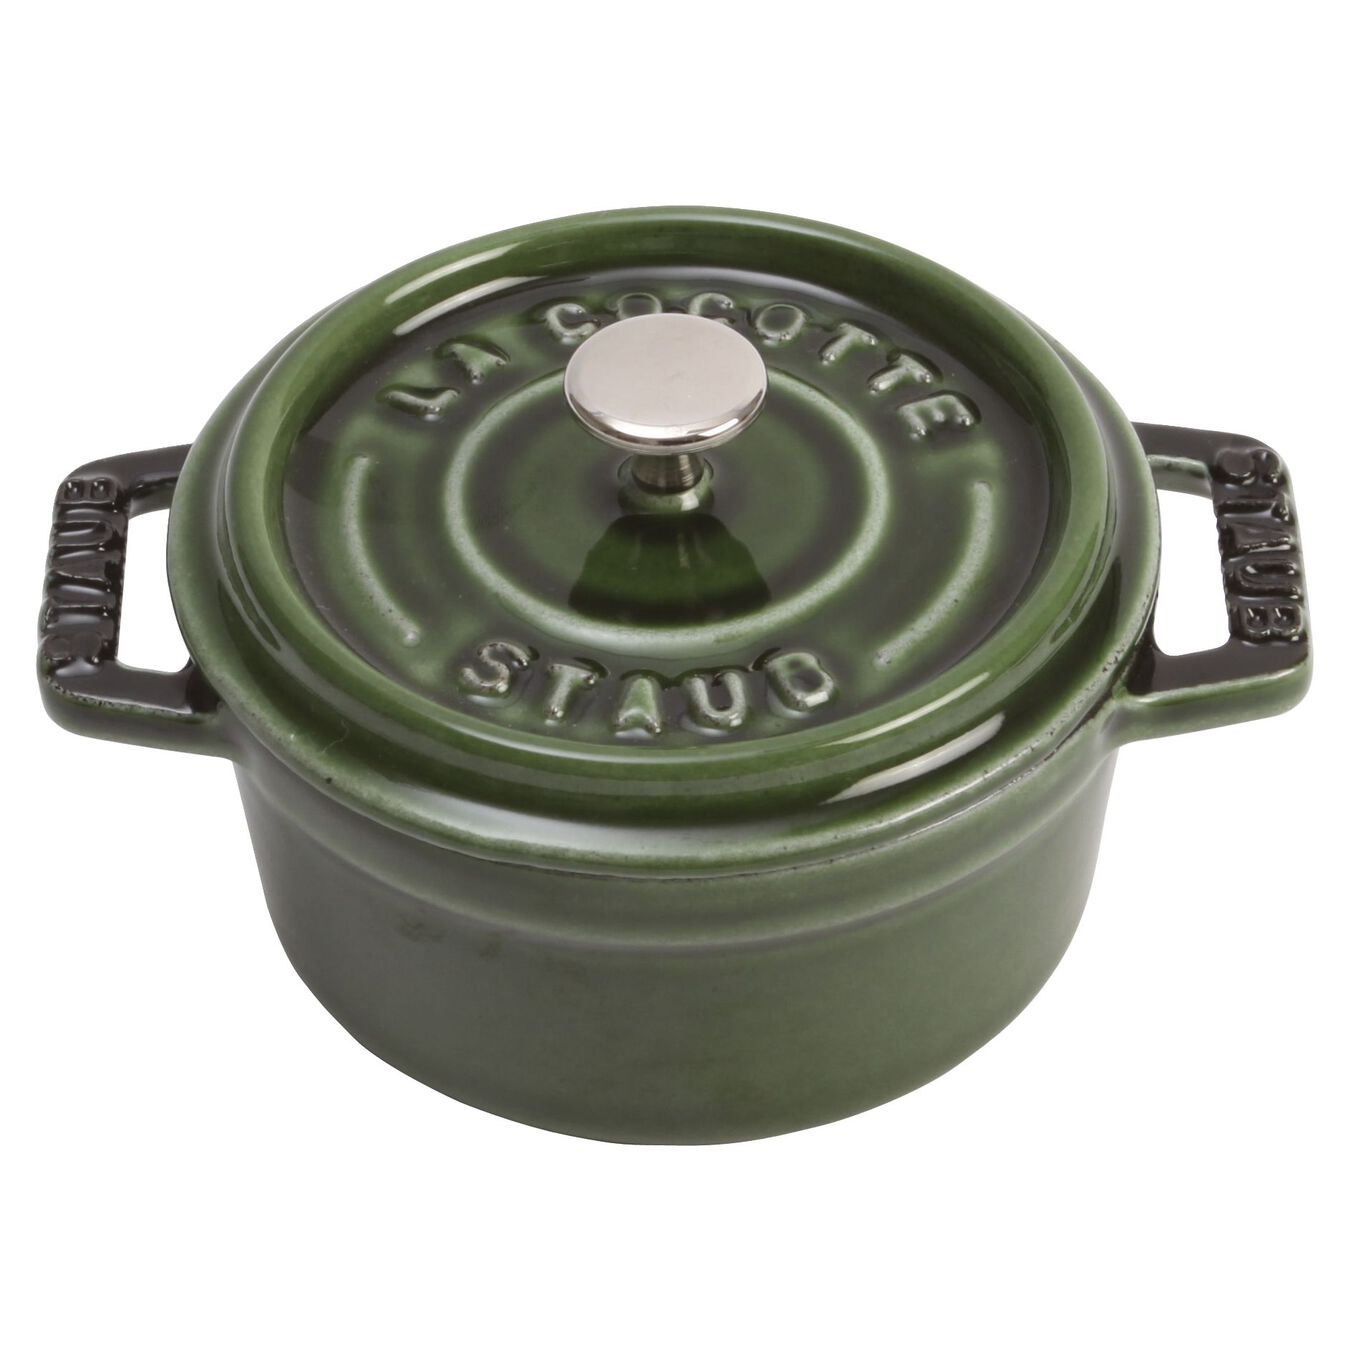 Mini cocotte rotonda - 10 cm, basilico,,large 1